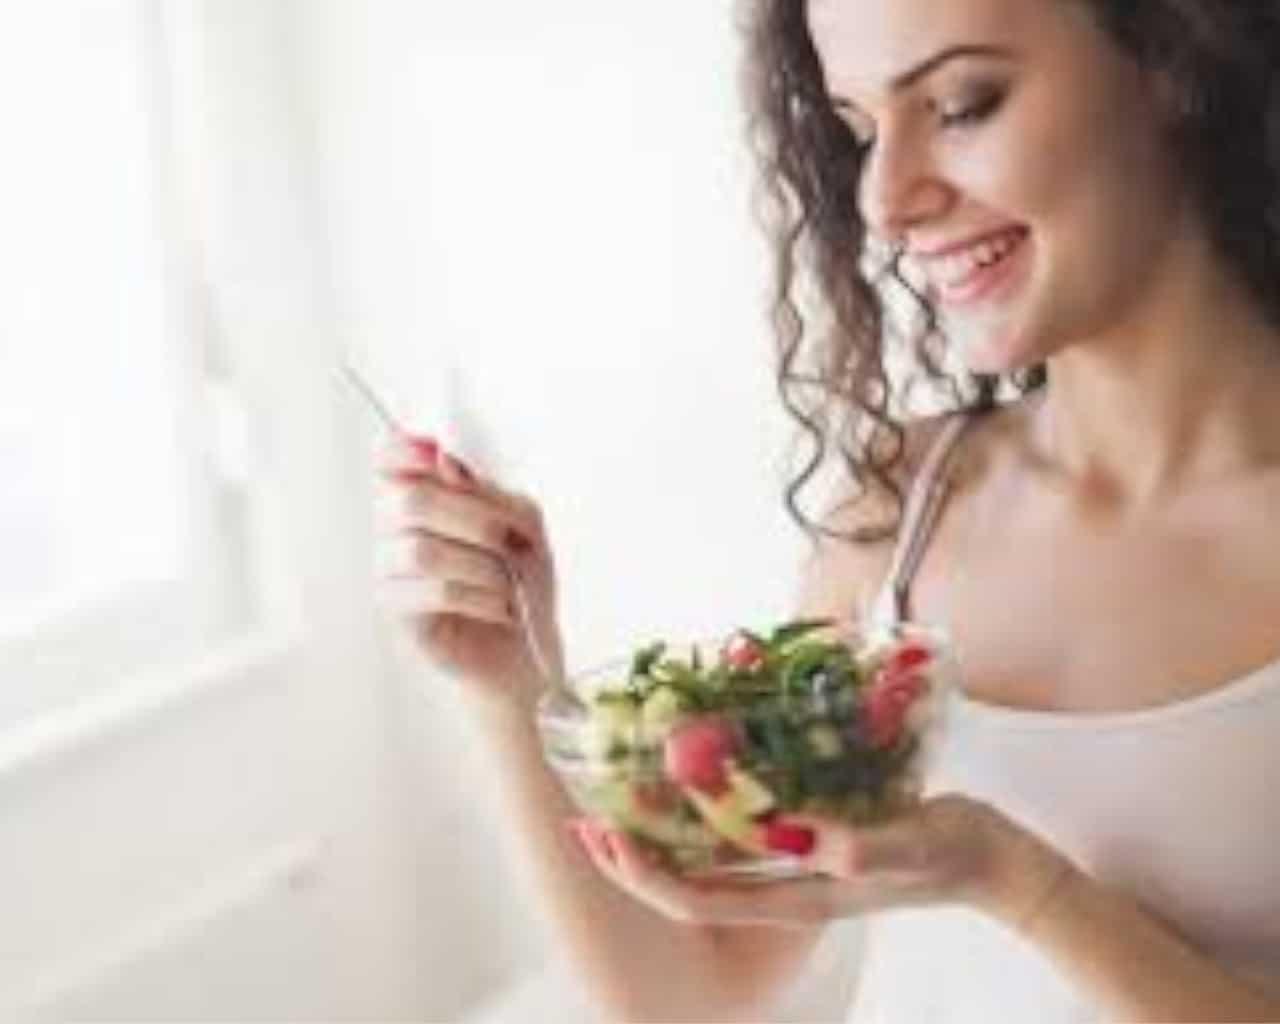 δίαιτα, δίαιτα και αδυνάτισμα, διατροφή και δίαιτα